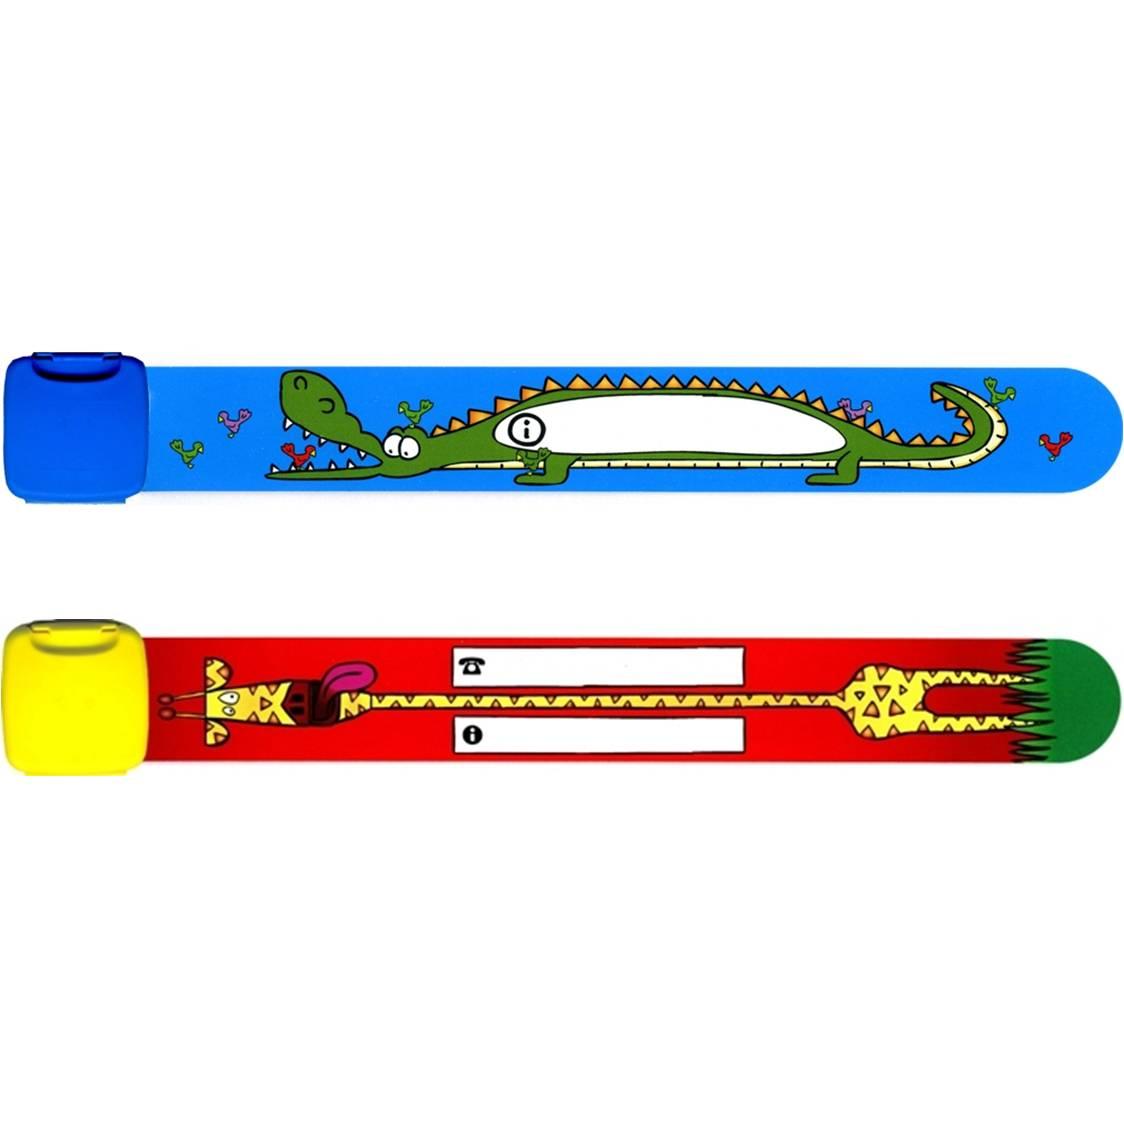 Infoband polsbandjes - Set van 2 Krododil & Giraf